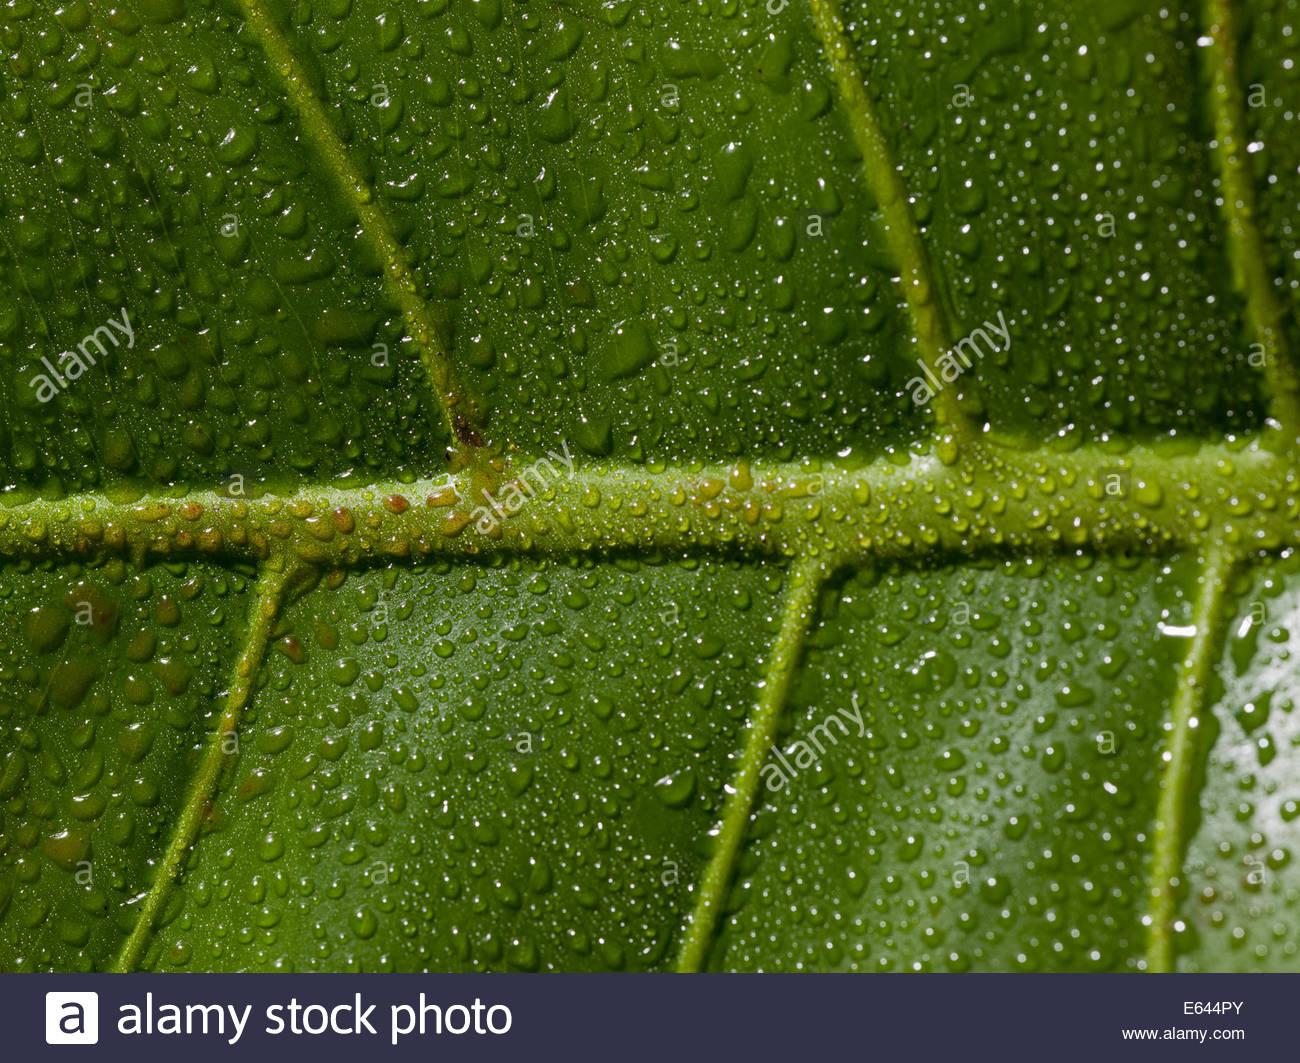 Nahaufnahme von Tau-Tropfen und Venen auf grünes Blatt Stockbild